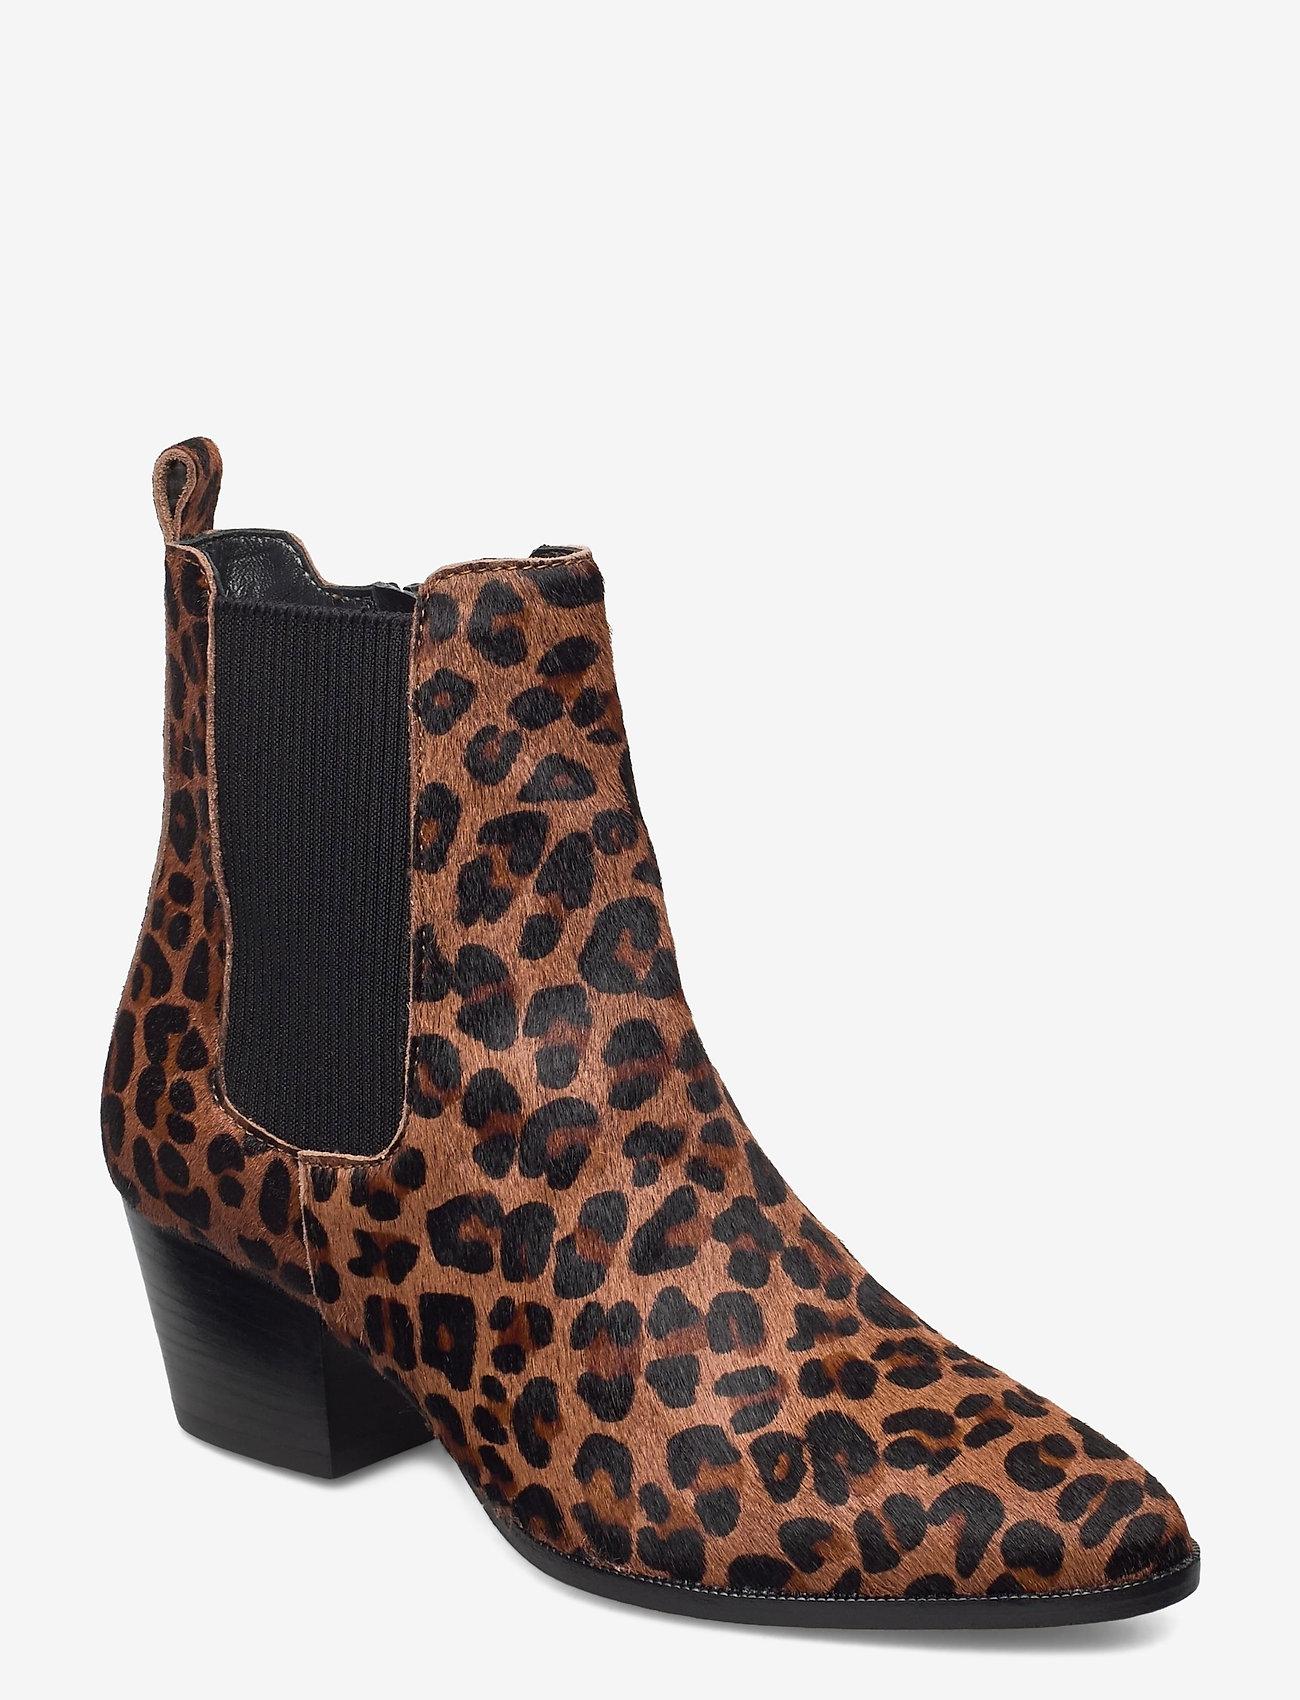 ANGULUS - Booties - Block heel - with elas - stiefeletten mit absatz - 1110/019 leopard/elastic - 1